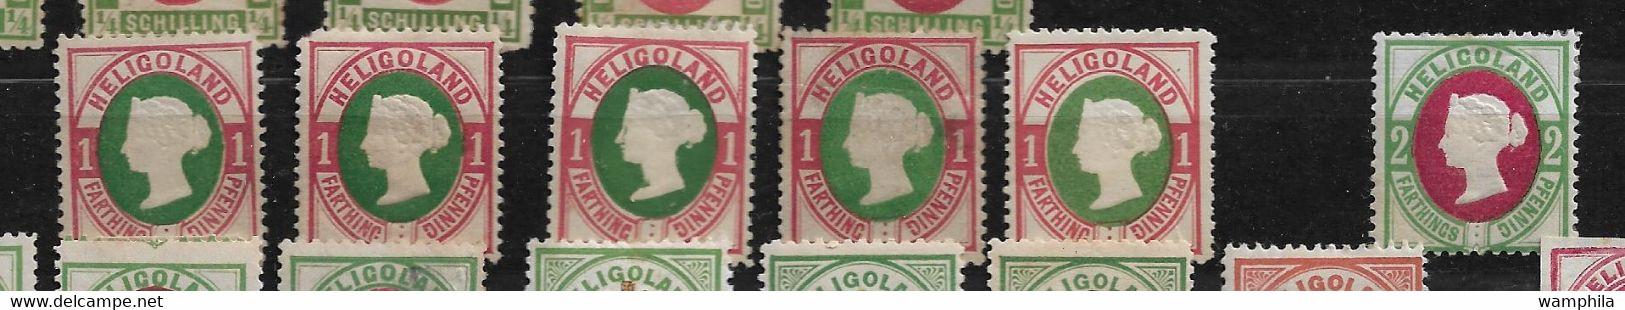 Heligoland, Originaux Et Réimpressions Un Lot De 41 Timbres Pour étude. - Collections (without Album)